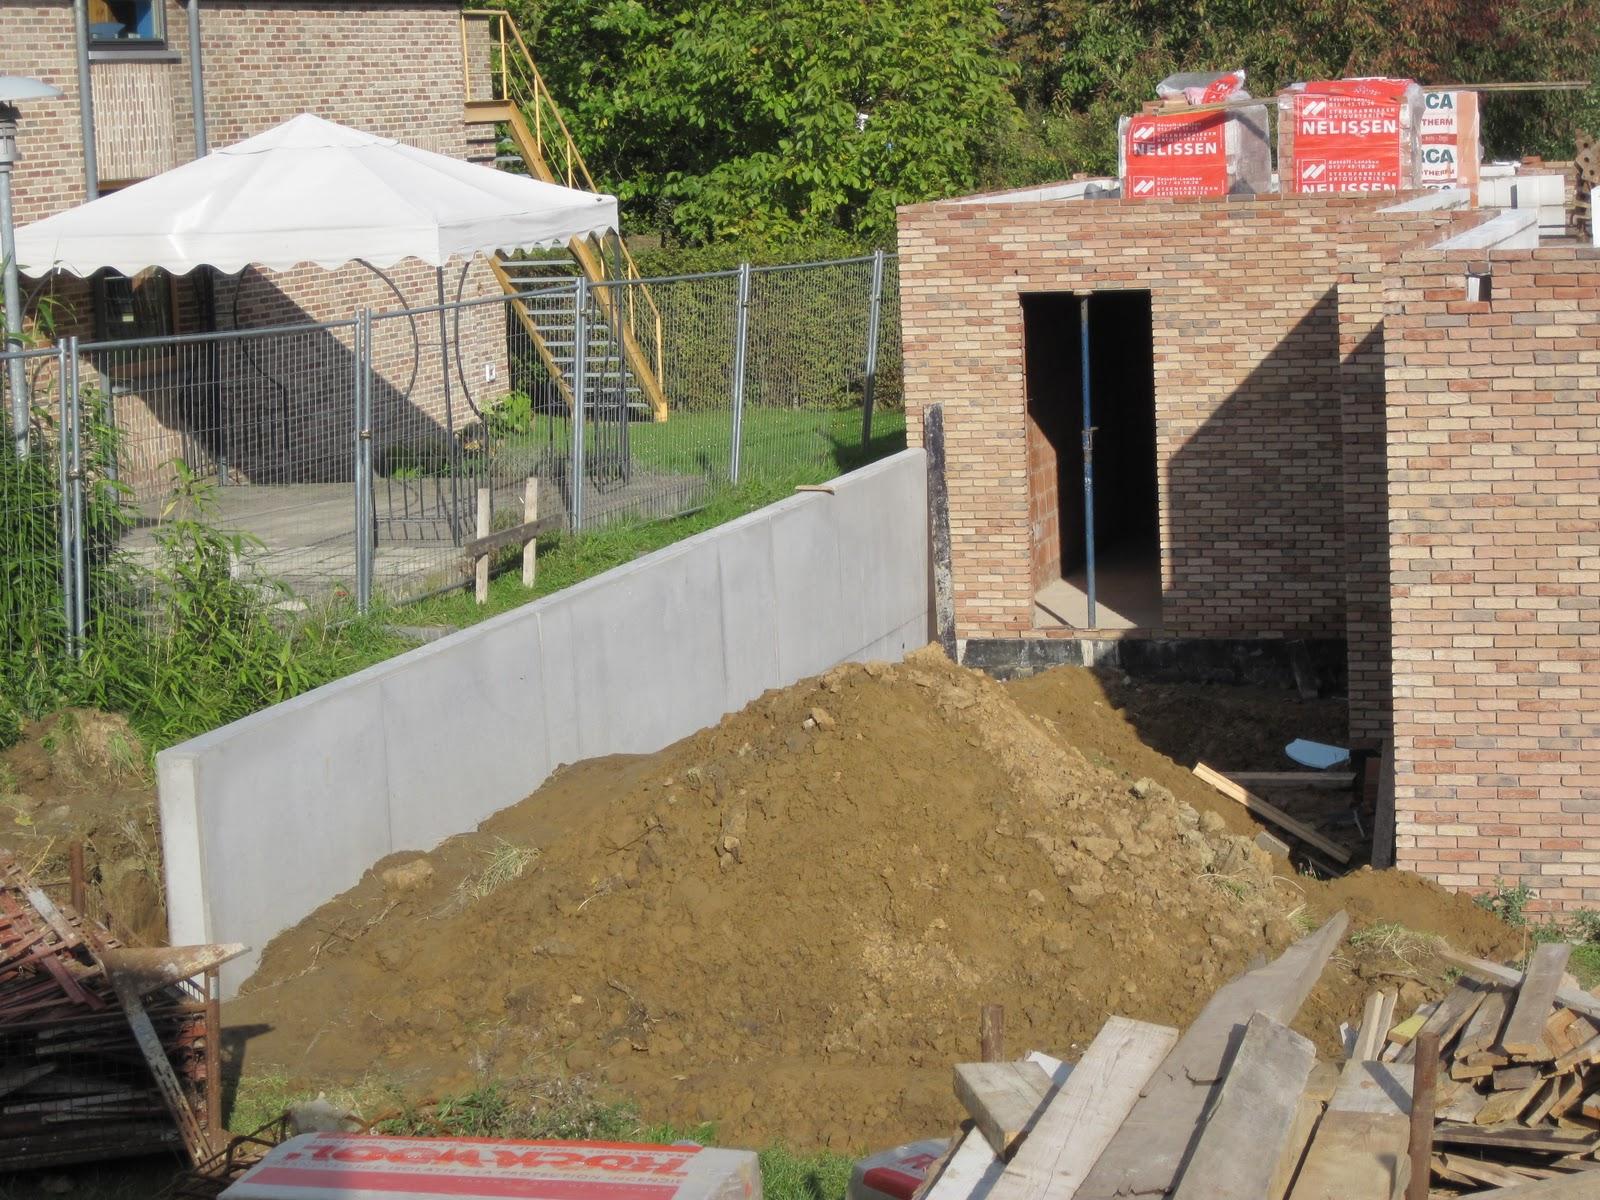 Alvinnenberg bouwt om het niveau verschil tussen alvinnenberg 2 en alvinnenberg 3 te - Terras van huis ...